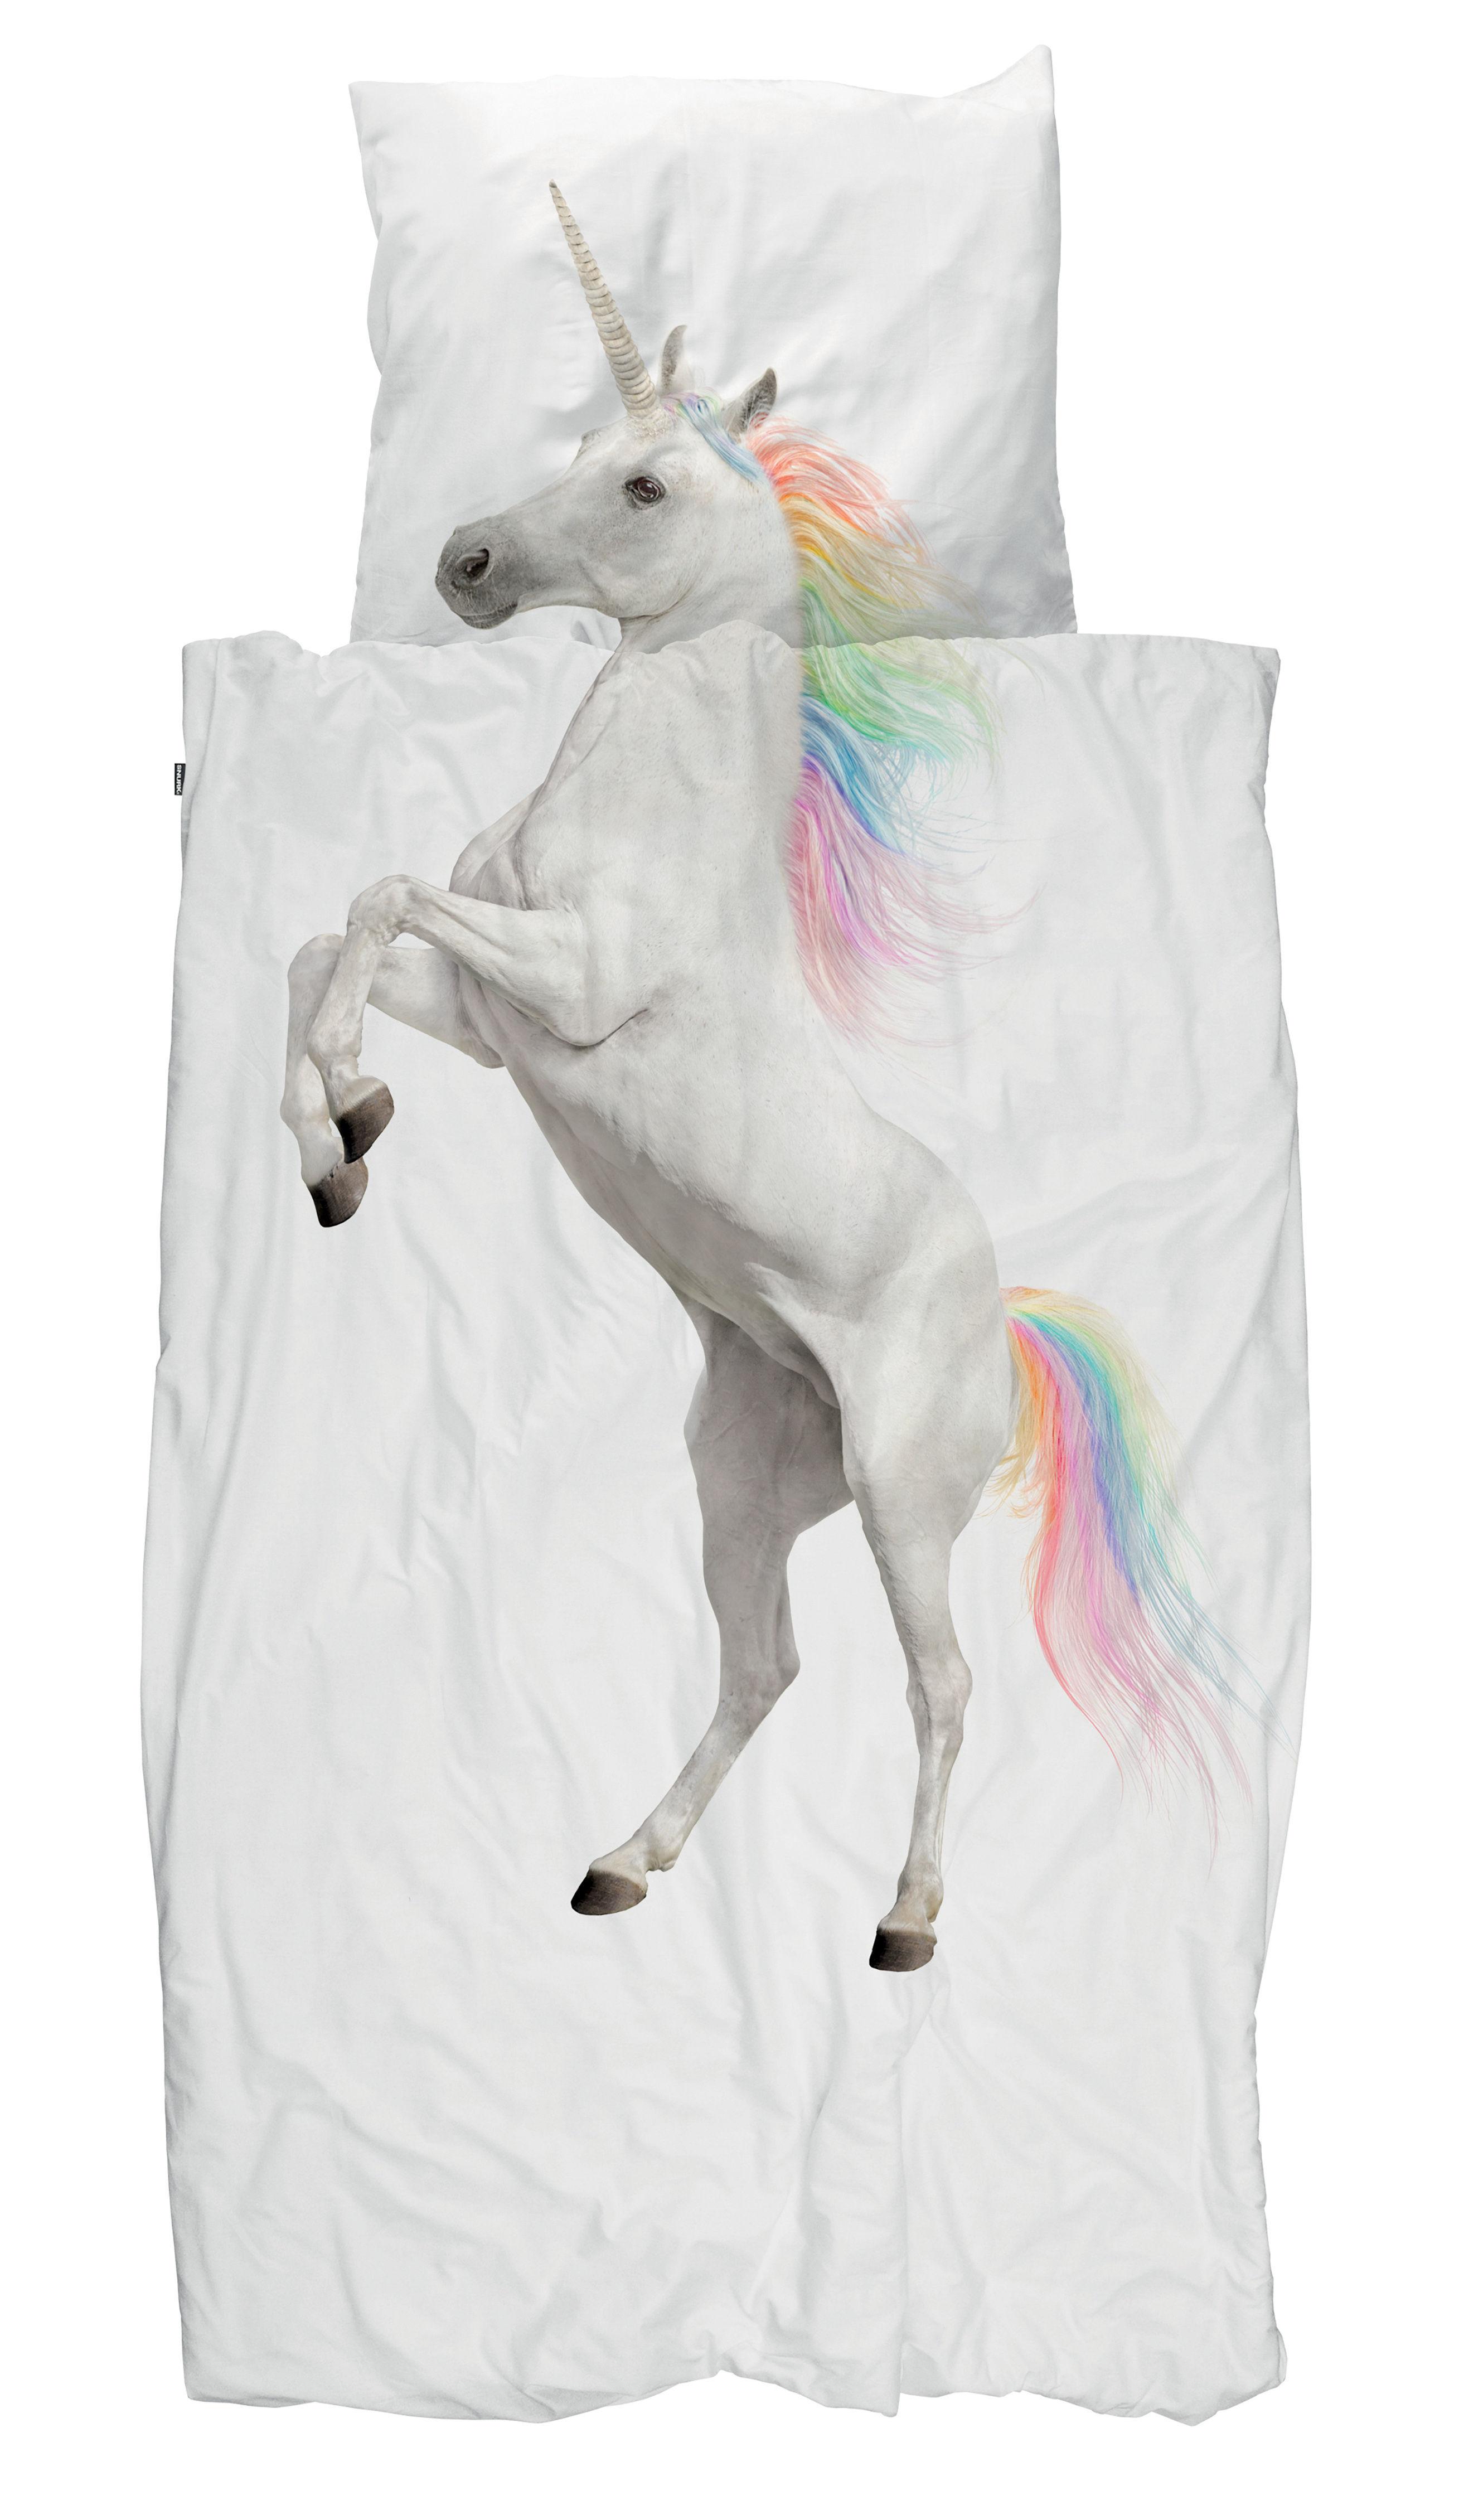 Déco - Pour les enfants - Parure de lit 1 personne Licorne / 140 x 200 cm - Snurk - Licorne - Percale de coton